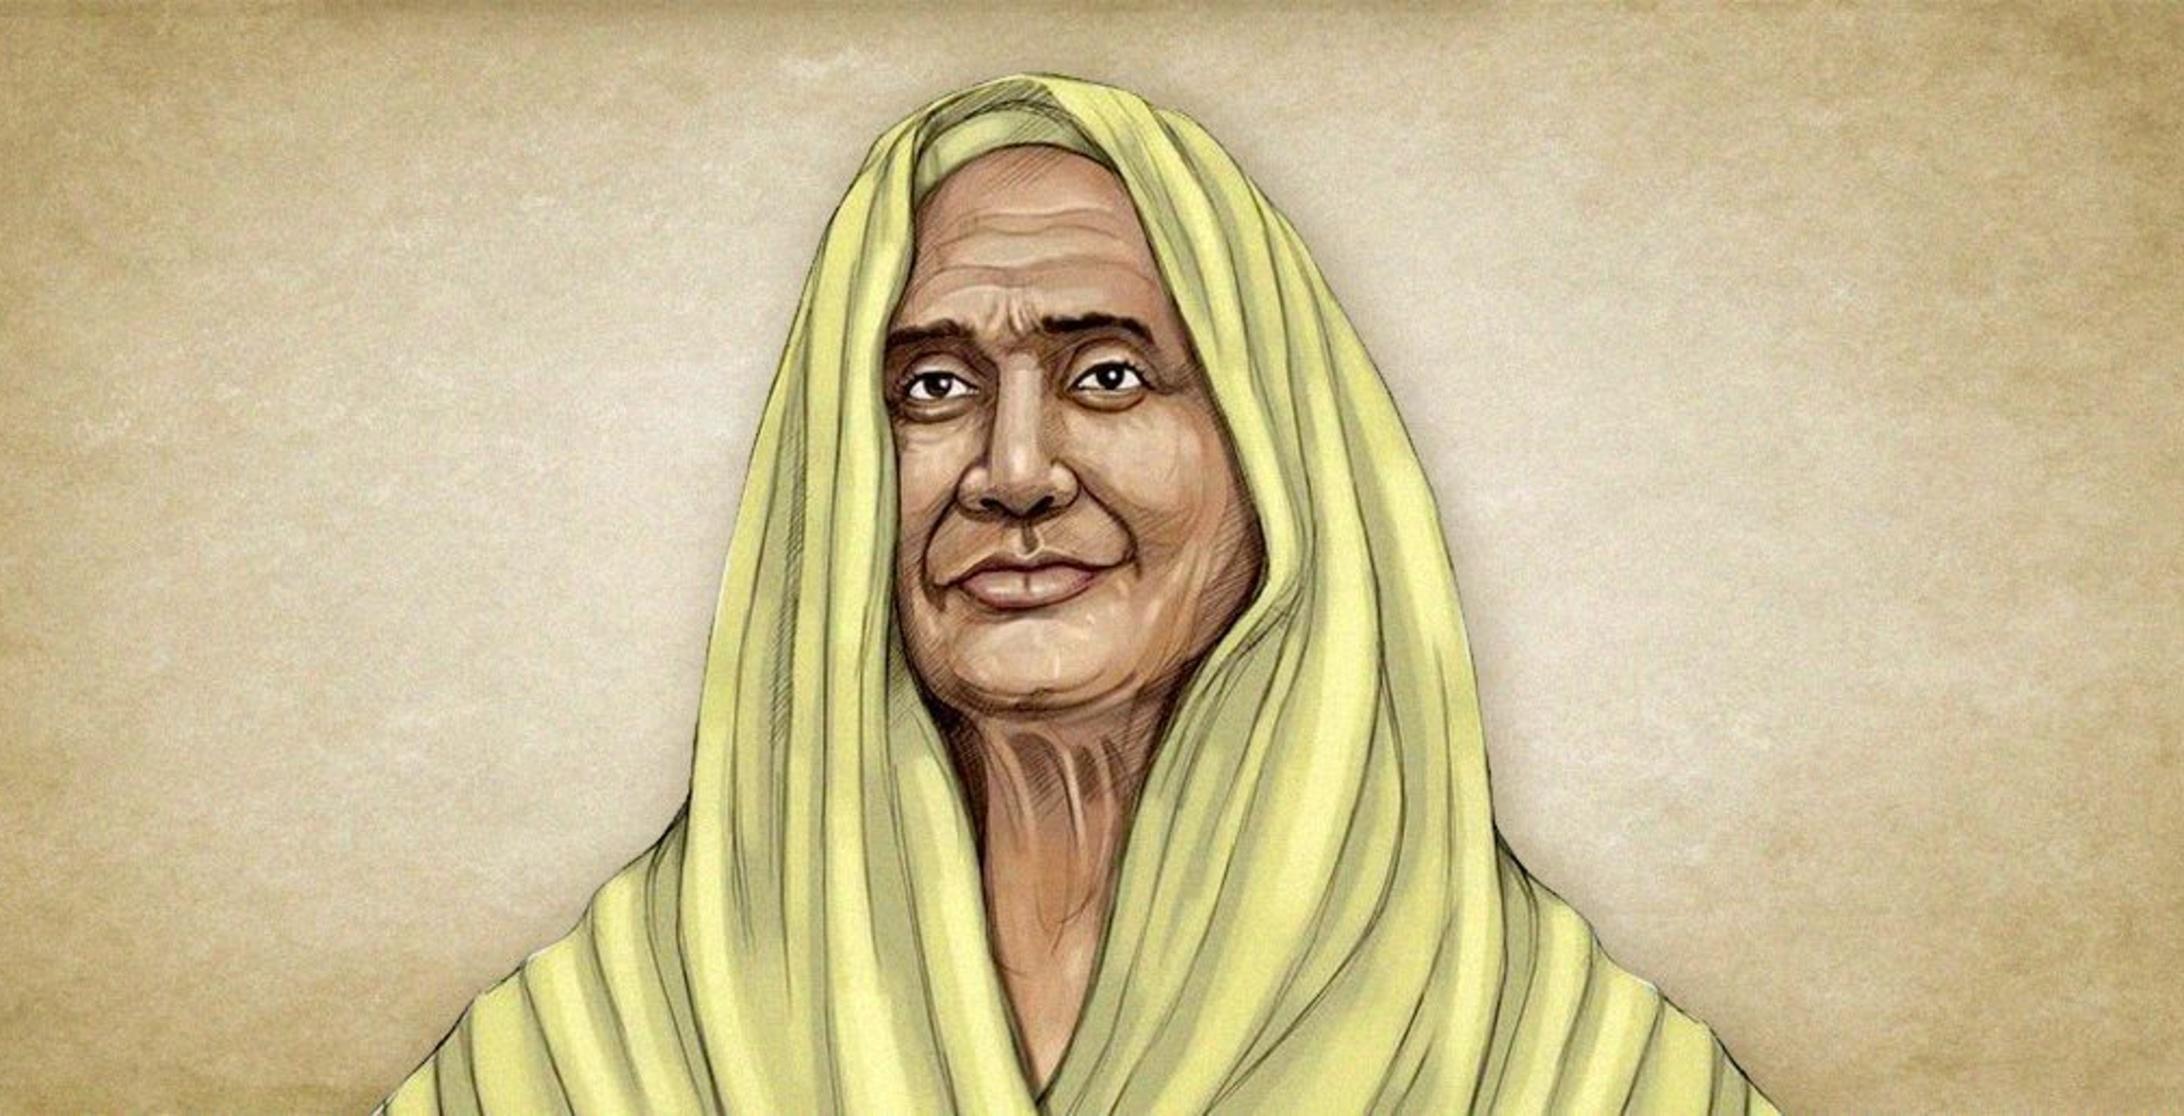 मातंगिनी हाजरा: जिन्होंने गोलियों से छलनी होने के बाद भी तिरंगे को न तो  झुकने दिया और न ही गिरने! |Matangini Hazra The Freedom Fighter of India